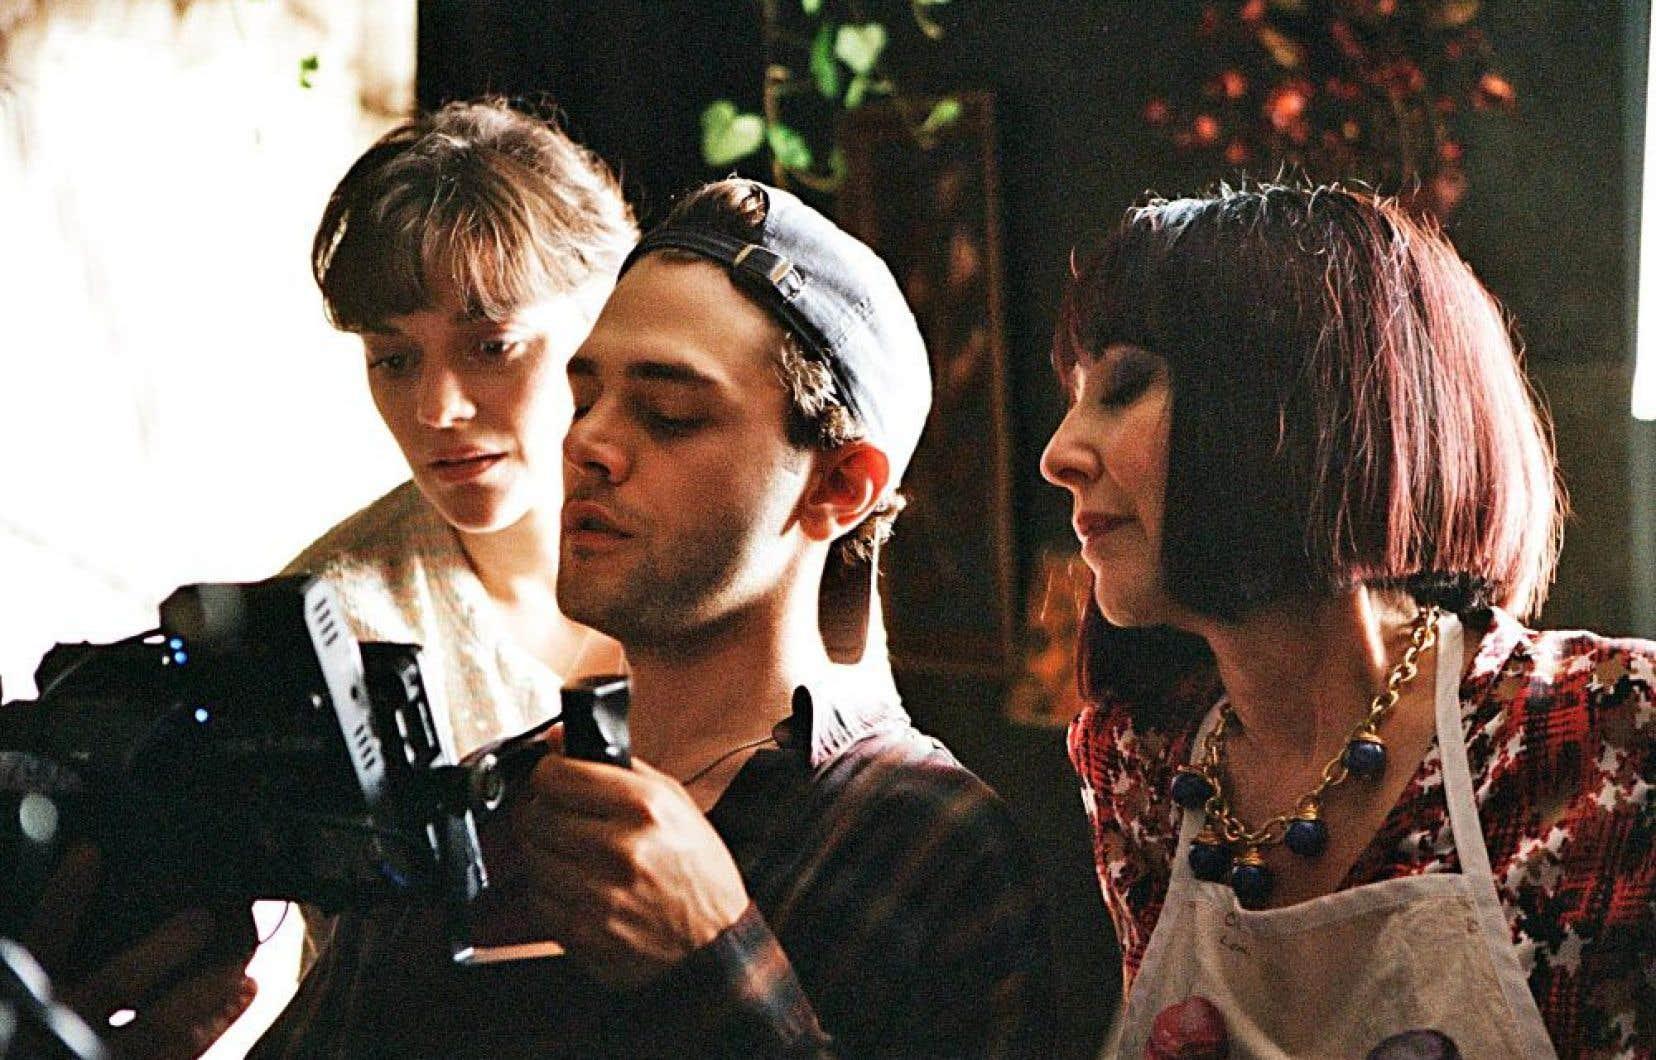 Xavier Dolan sur le plateau de tournage avec ses actricesMarion Cotillard et Nathalie Baye